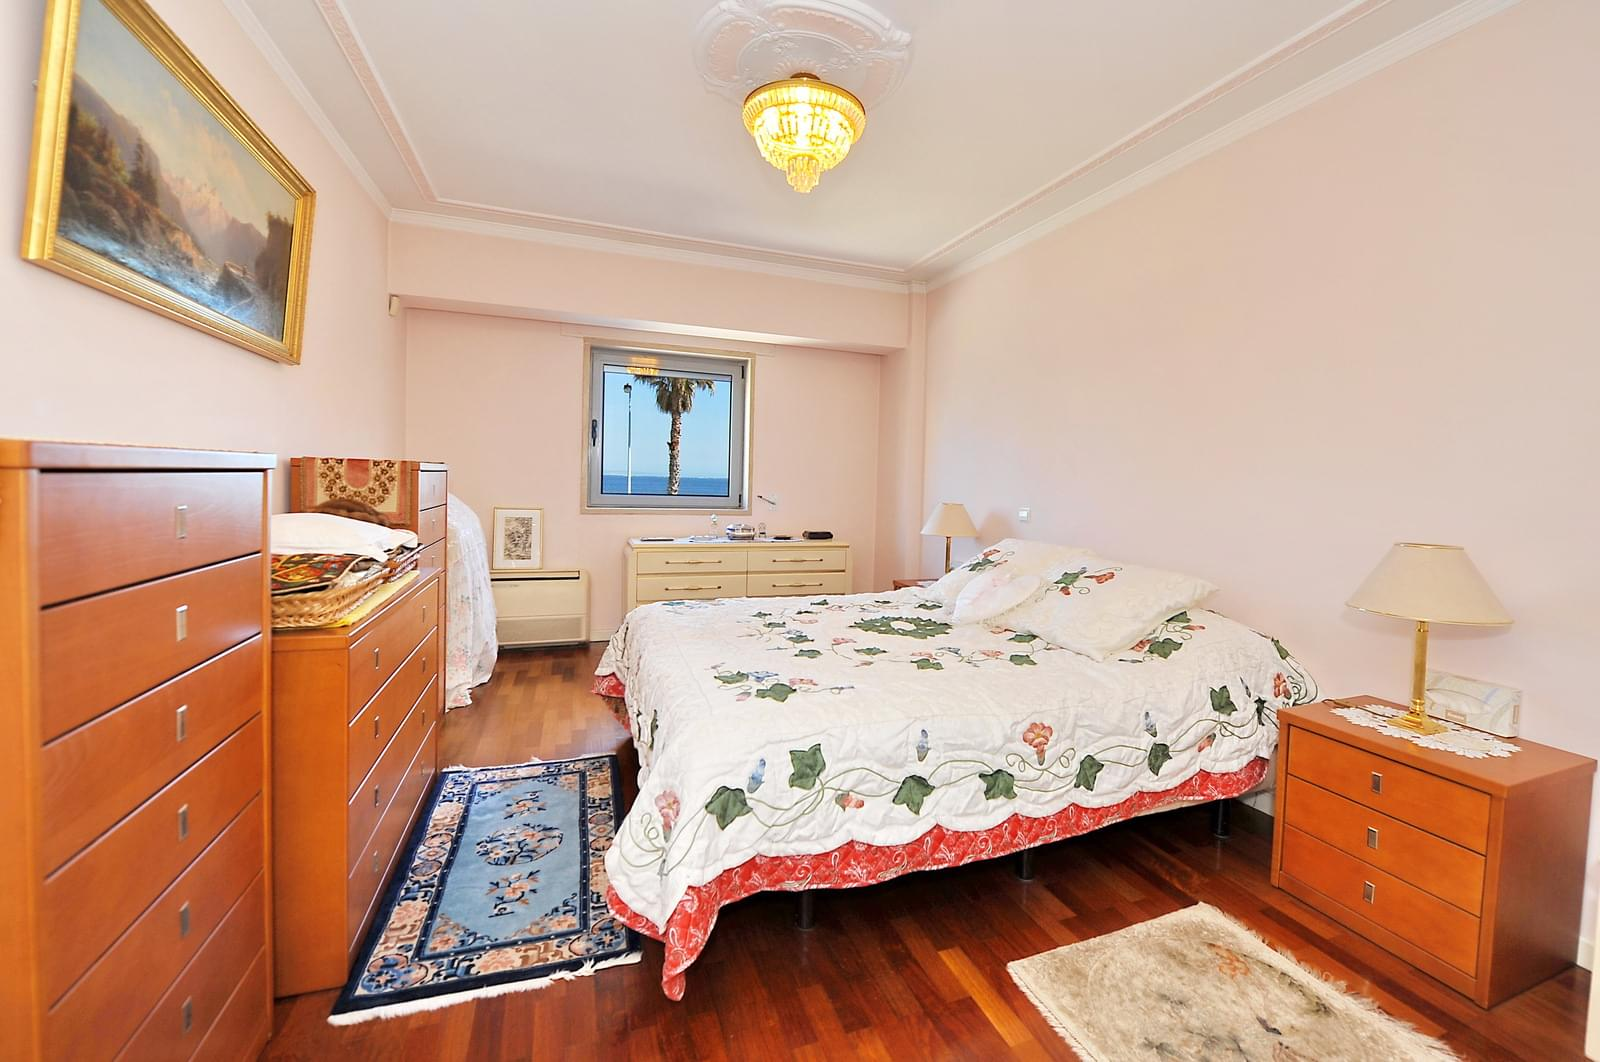 pf16999-apartamento-t2-oeiras-39ac8456-7690-4f6c-a333-0e880ad2917a